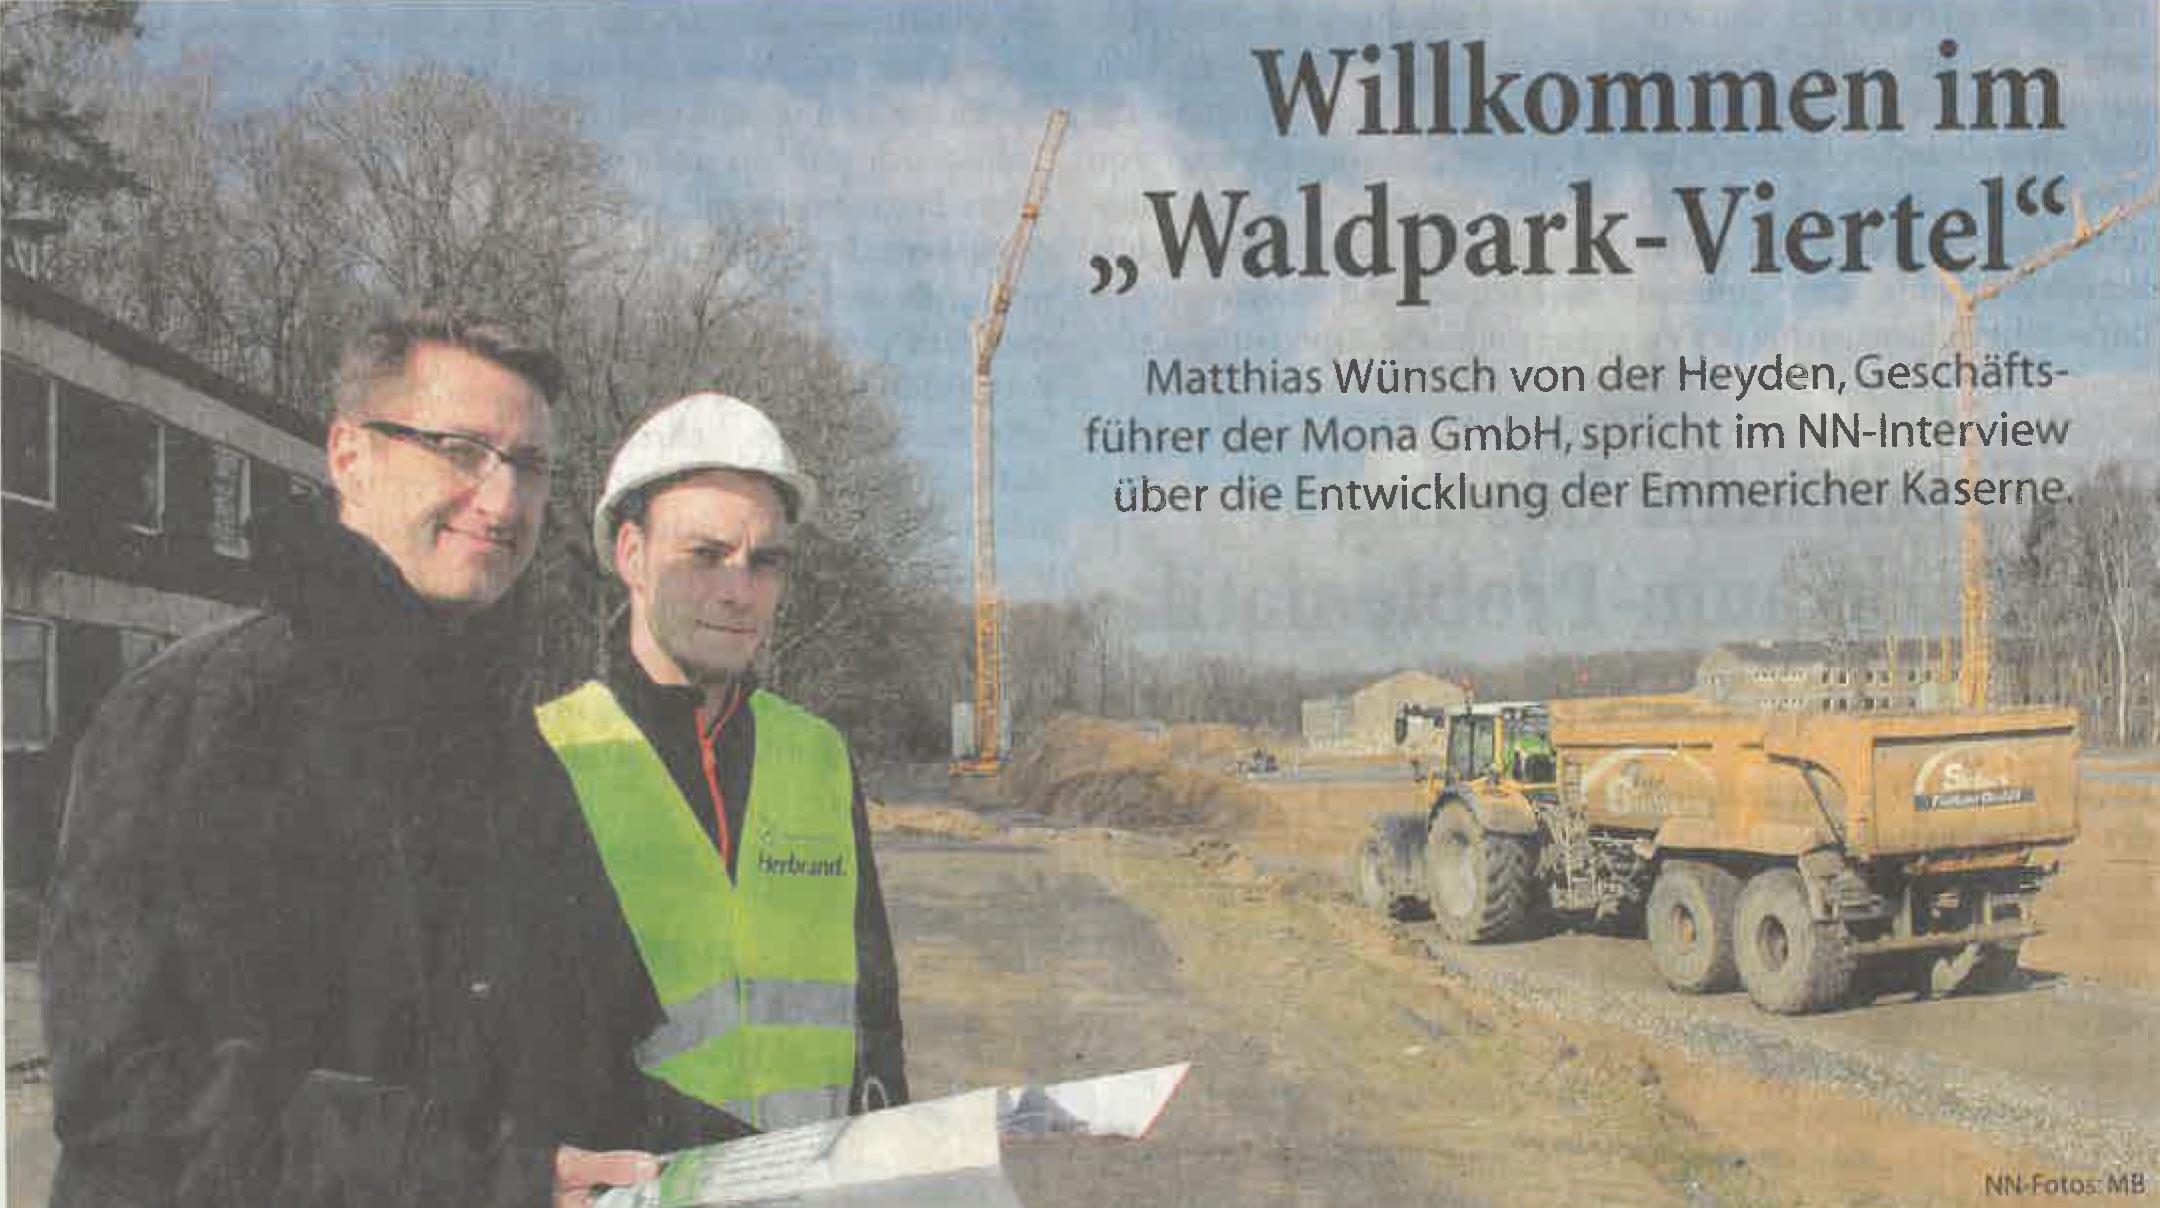 """Willkommen im """"Waldpark-Viertel""""   NN Bericht 17.03.2018"""